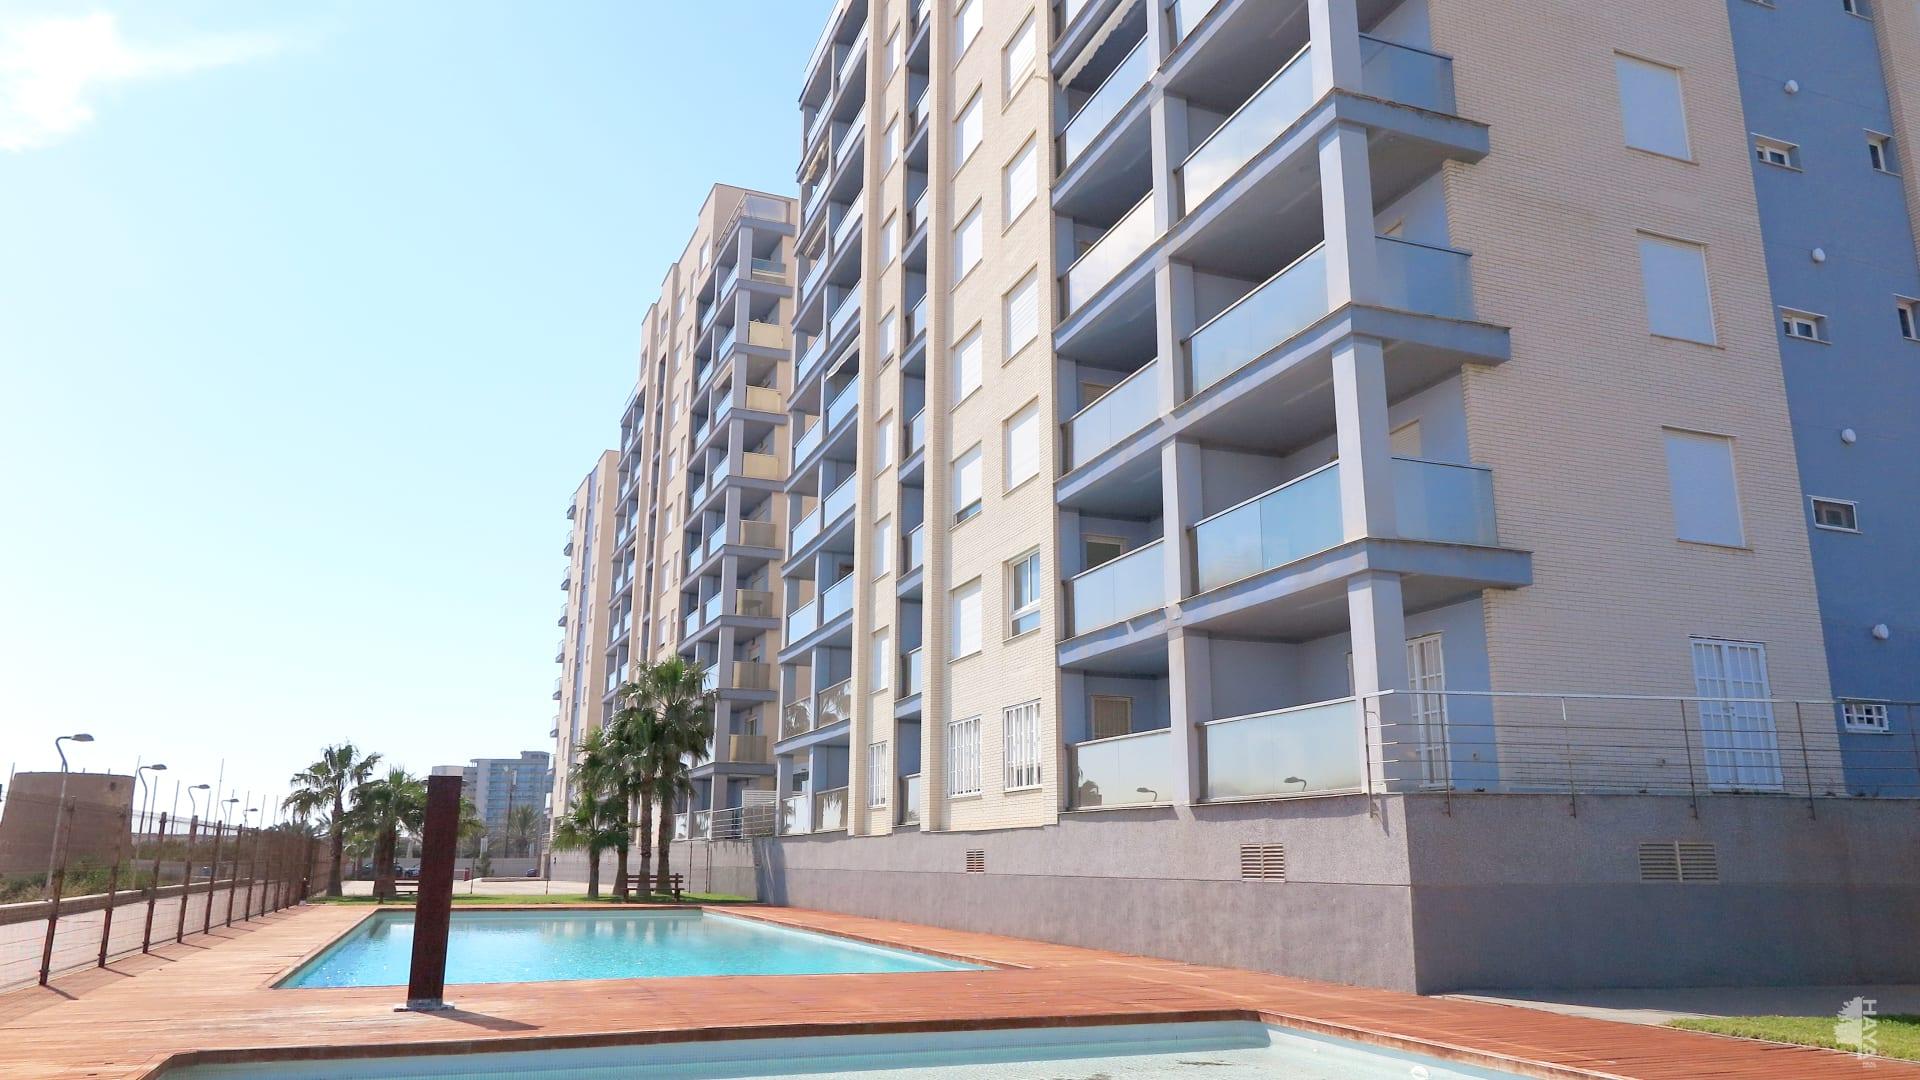 Piso en venta en San Javier, Murcia, Calle Prolongación Pol F. Conj Resid. Veneziola Golf Ii, 90.000 €, 1 habitación, 1 baño, 44 m2